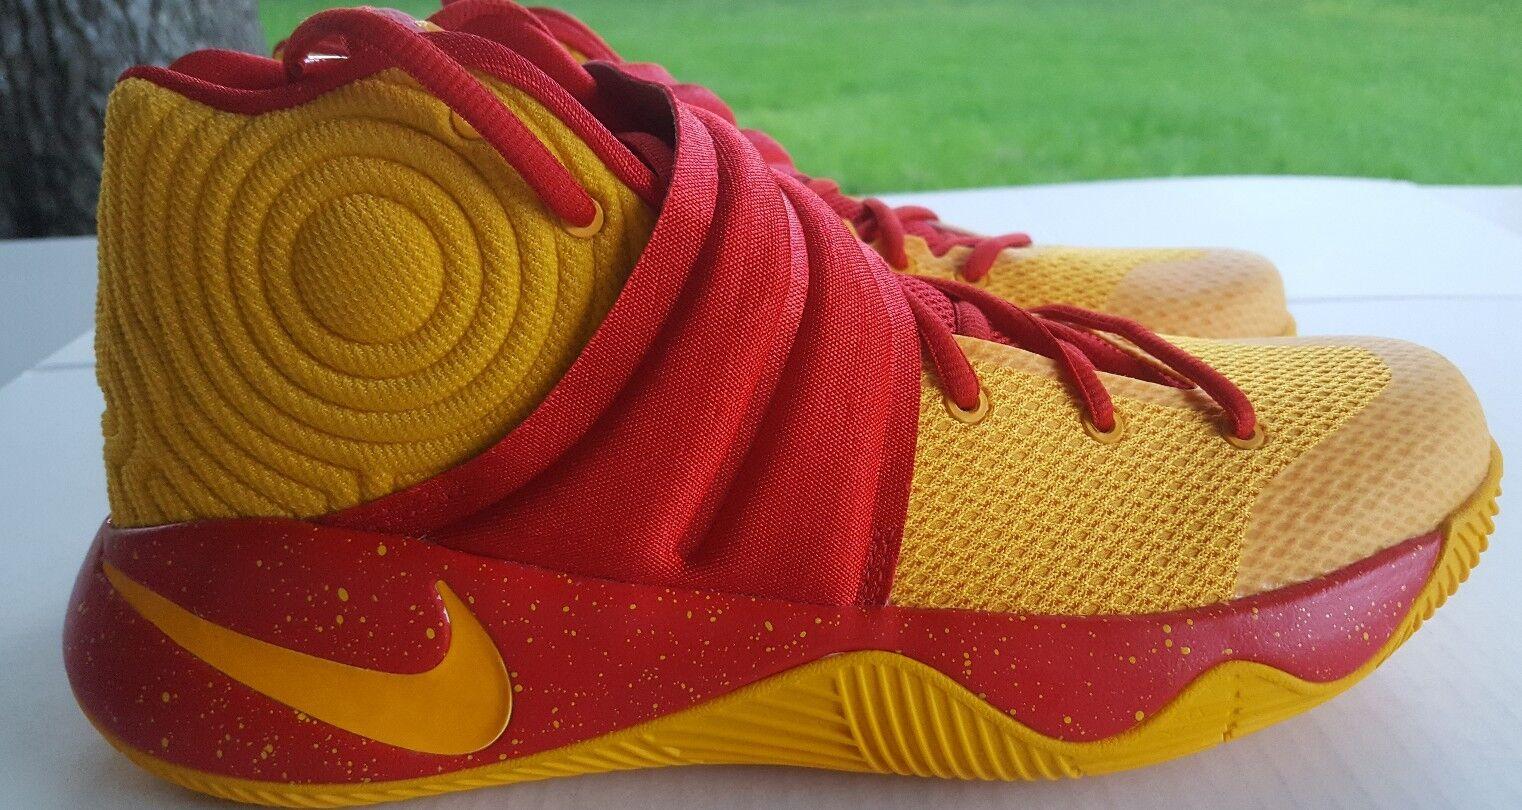 Nike 2 kyrie 2 Nike dimensioni 9 843253-998 id f7bba0